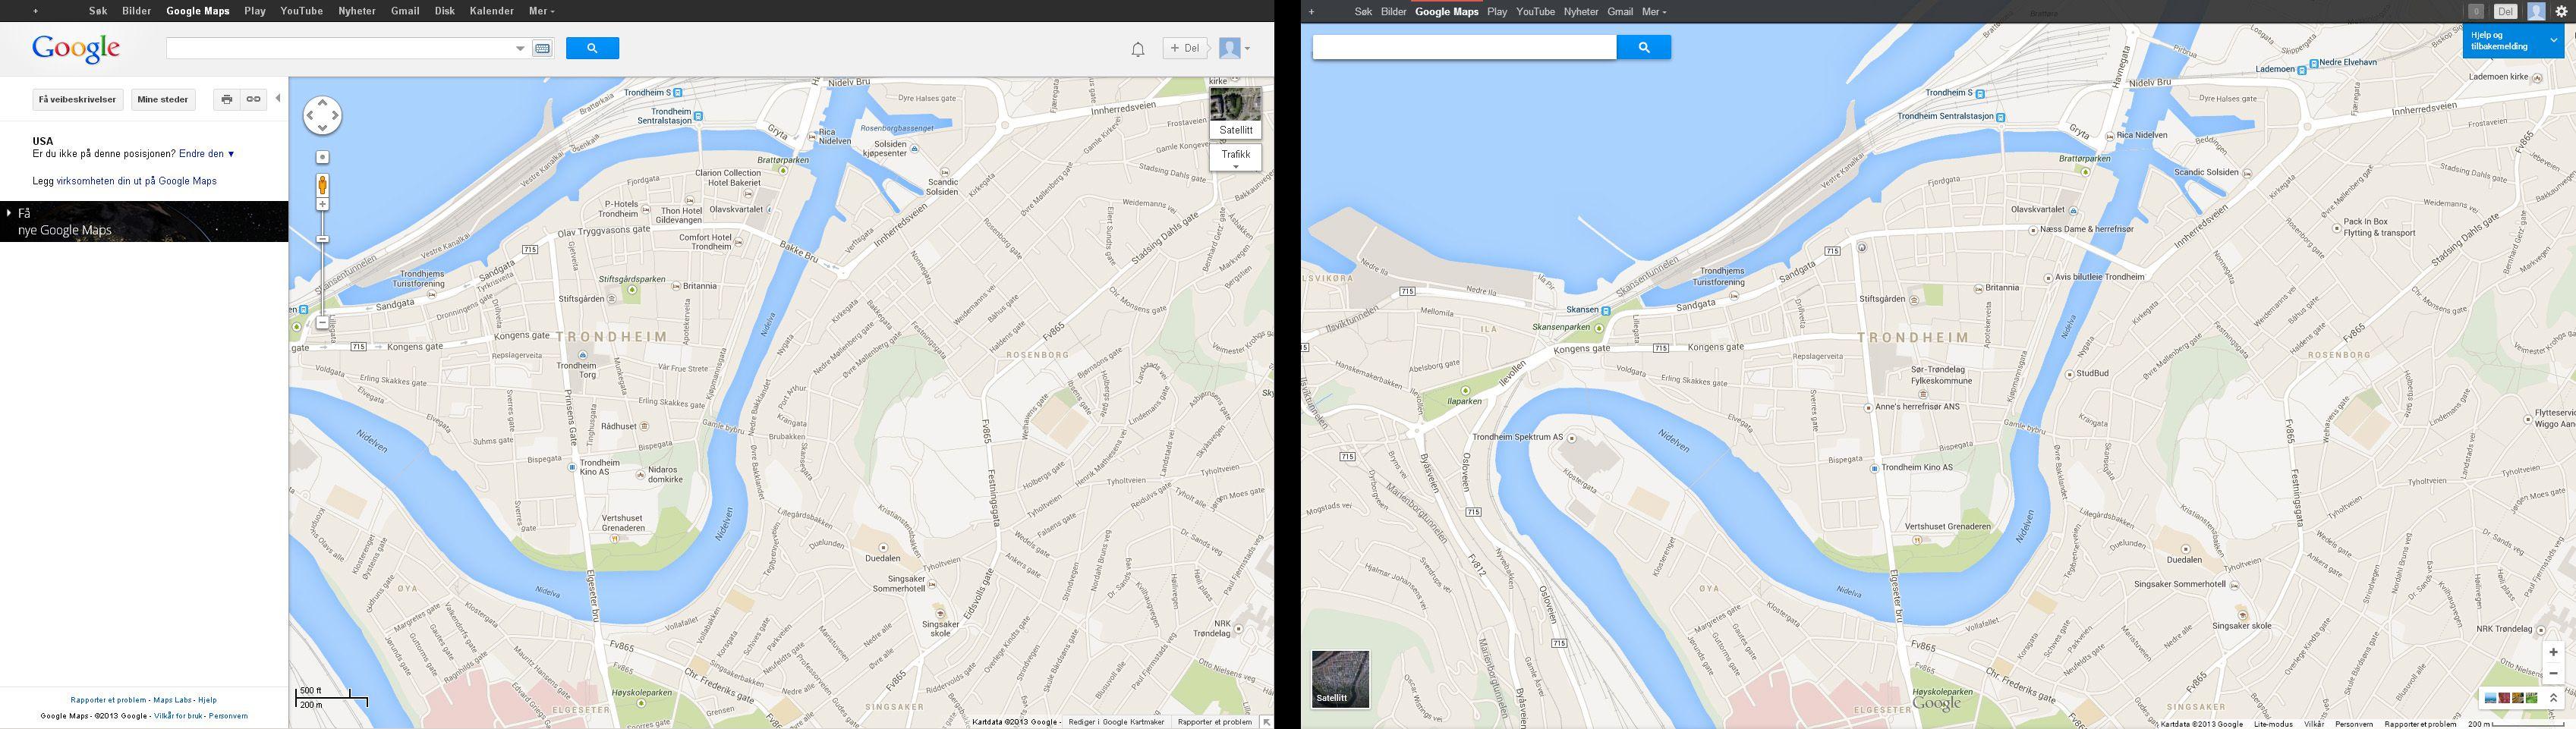 En sammenligning mellom gamle (til venstre) og nye Google Maps.Foto: Google